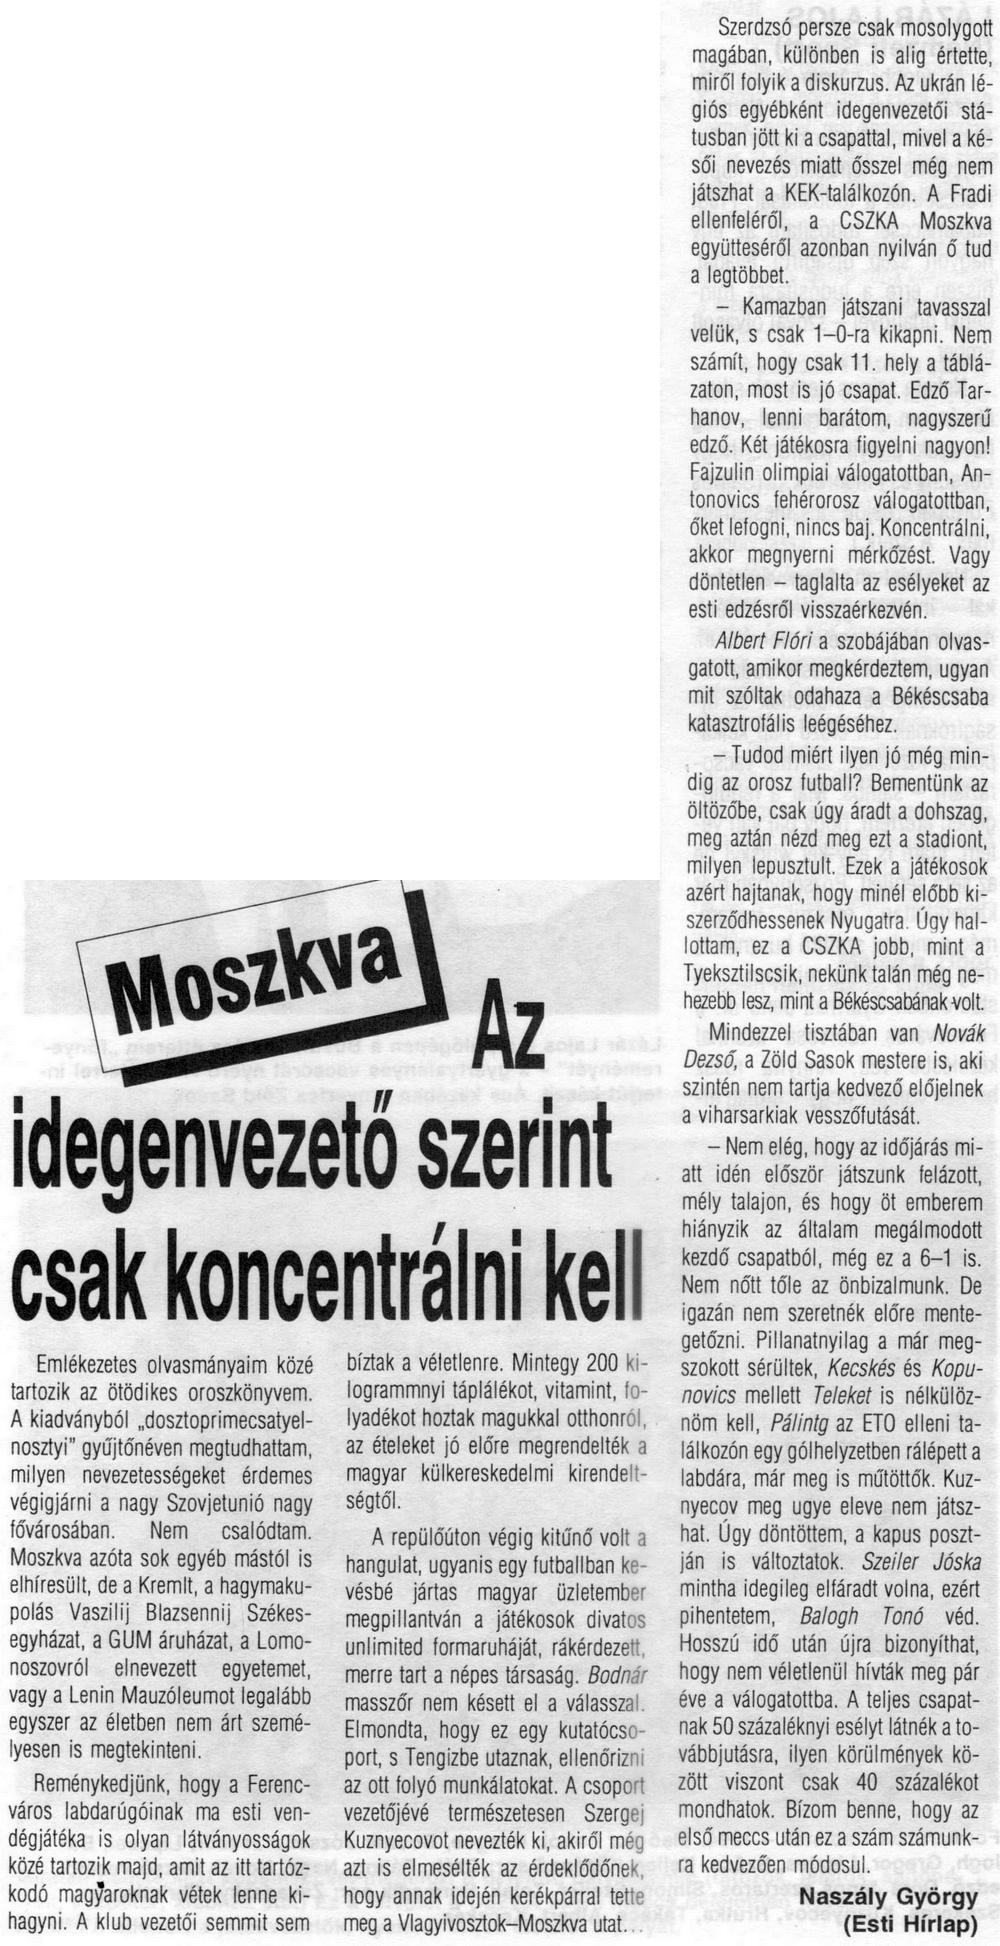 TFU_19941103_FU_KEK ksz - 0005-2